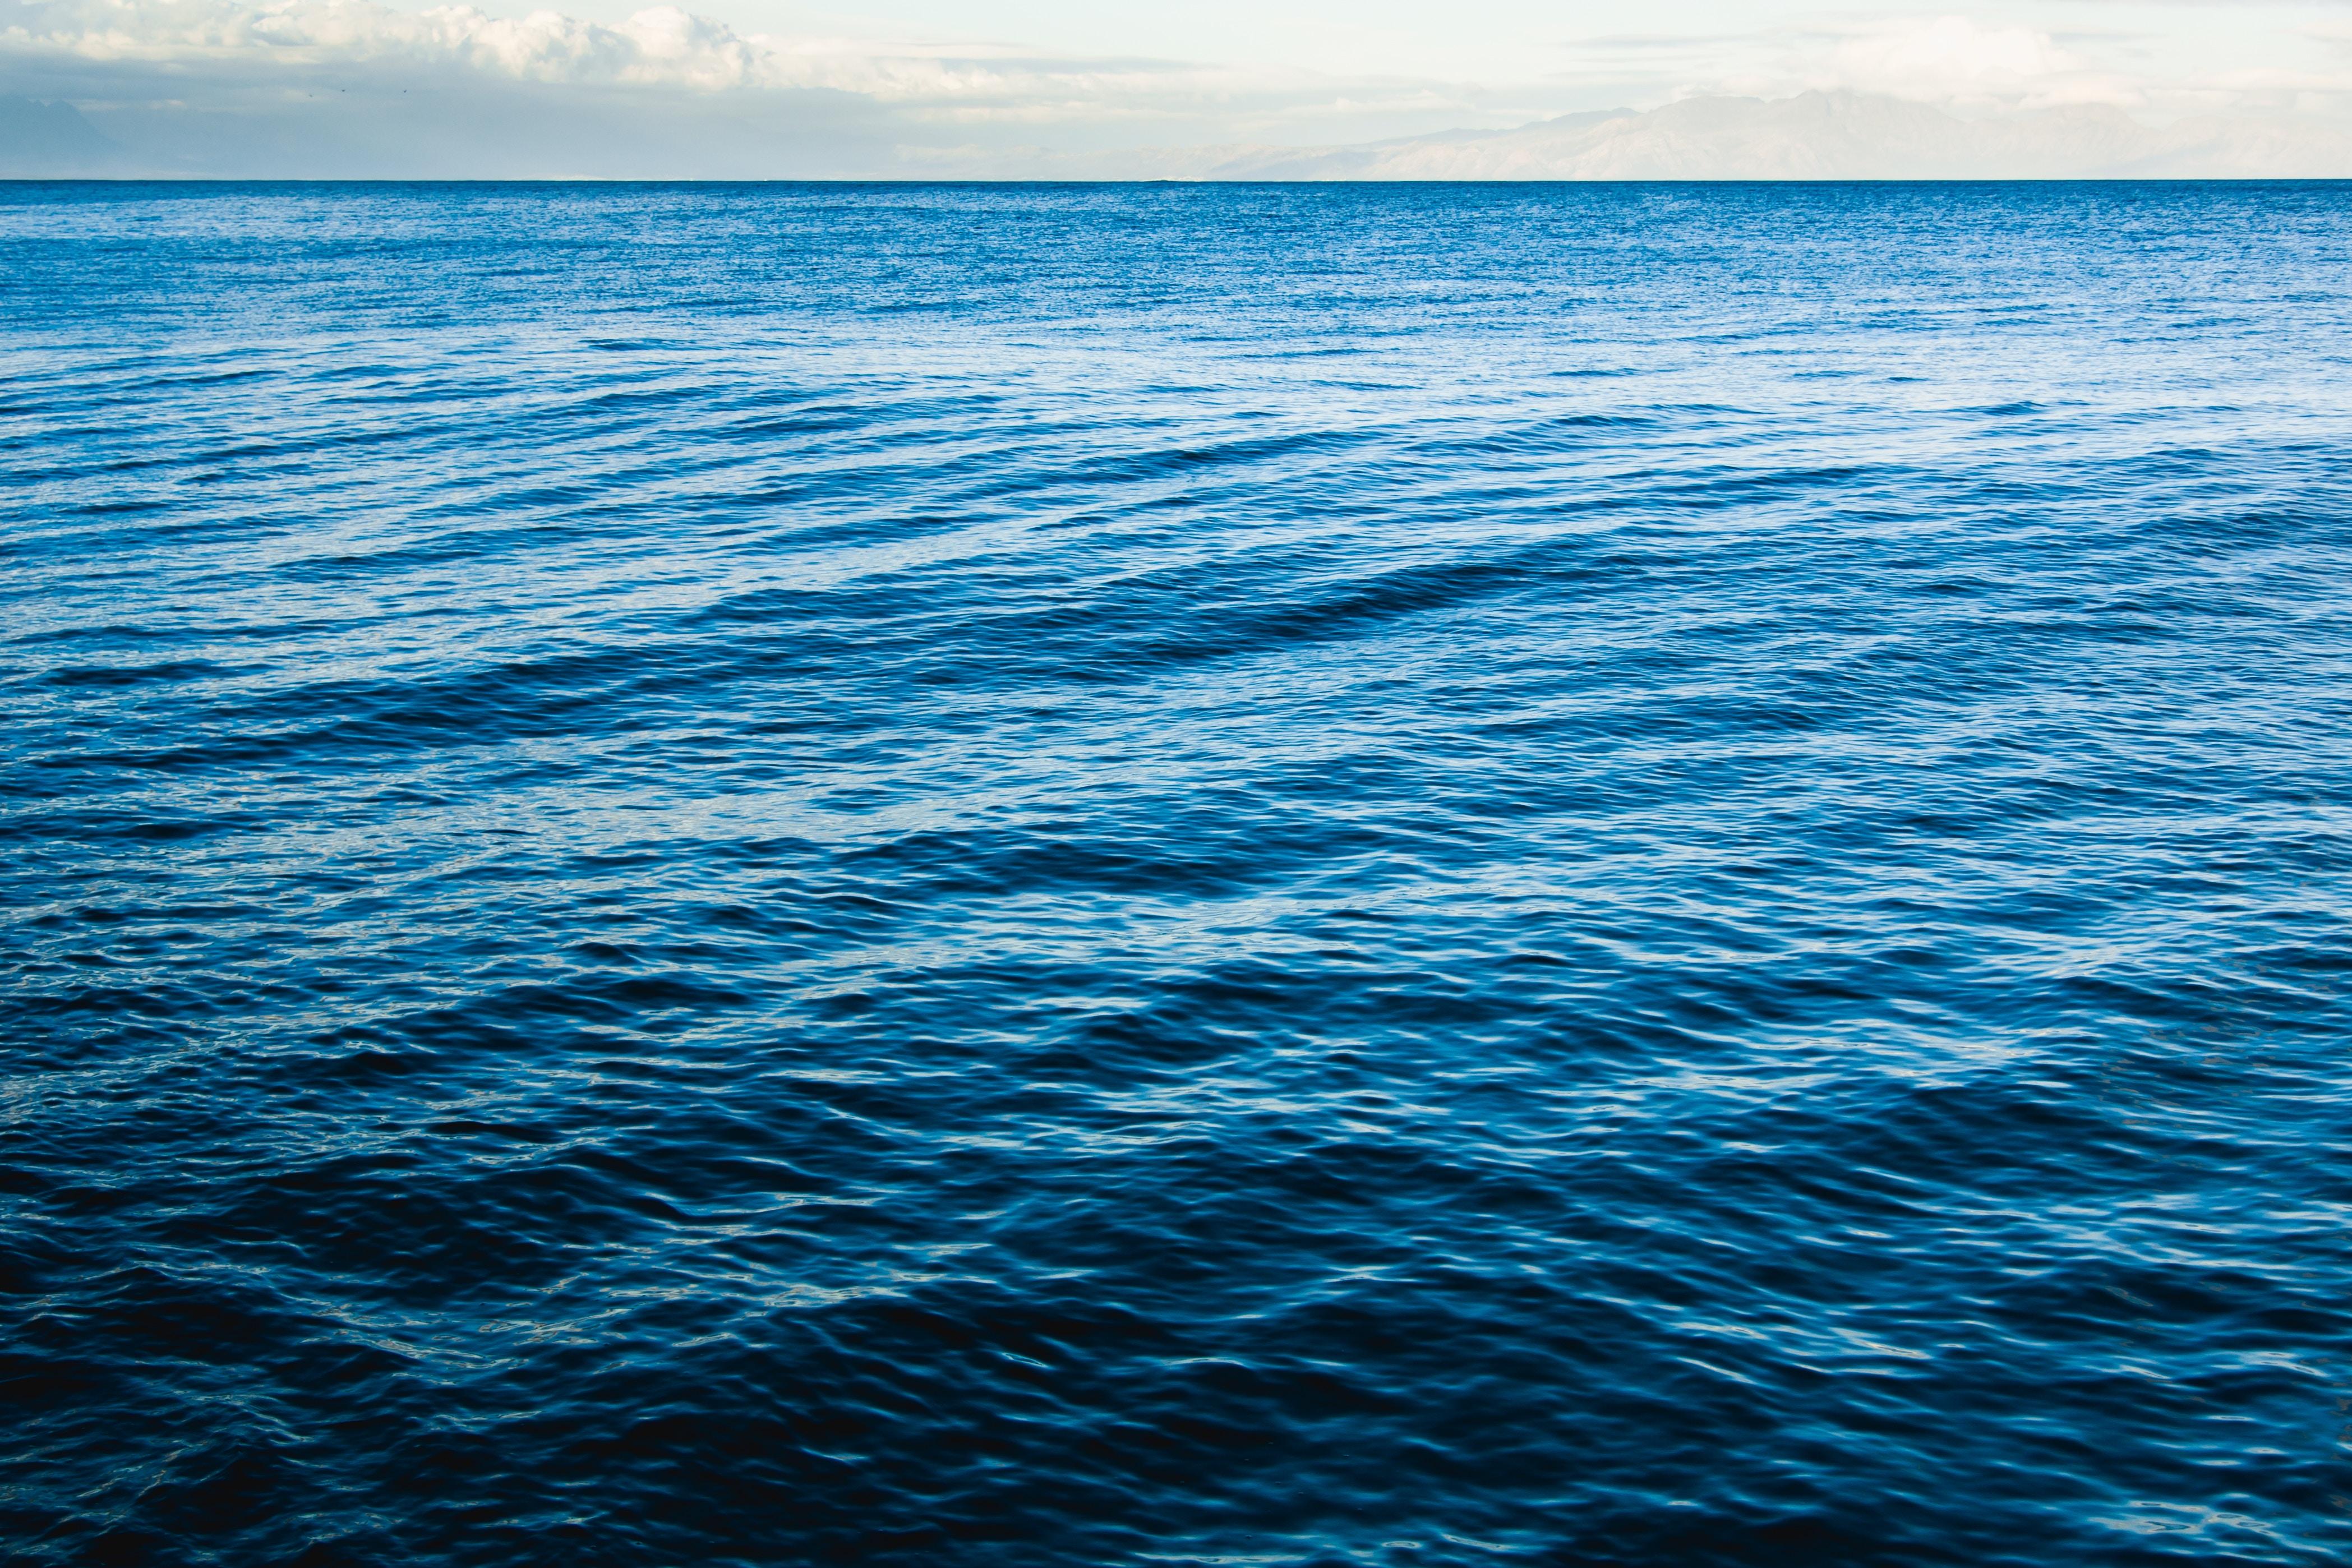 обрядов нестоячку картинки на телефон морская гладь браслет, стал хорошим